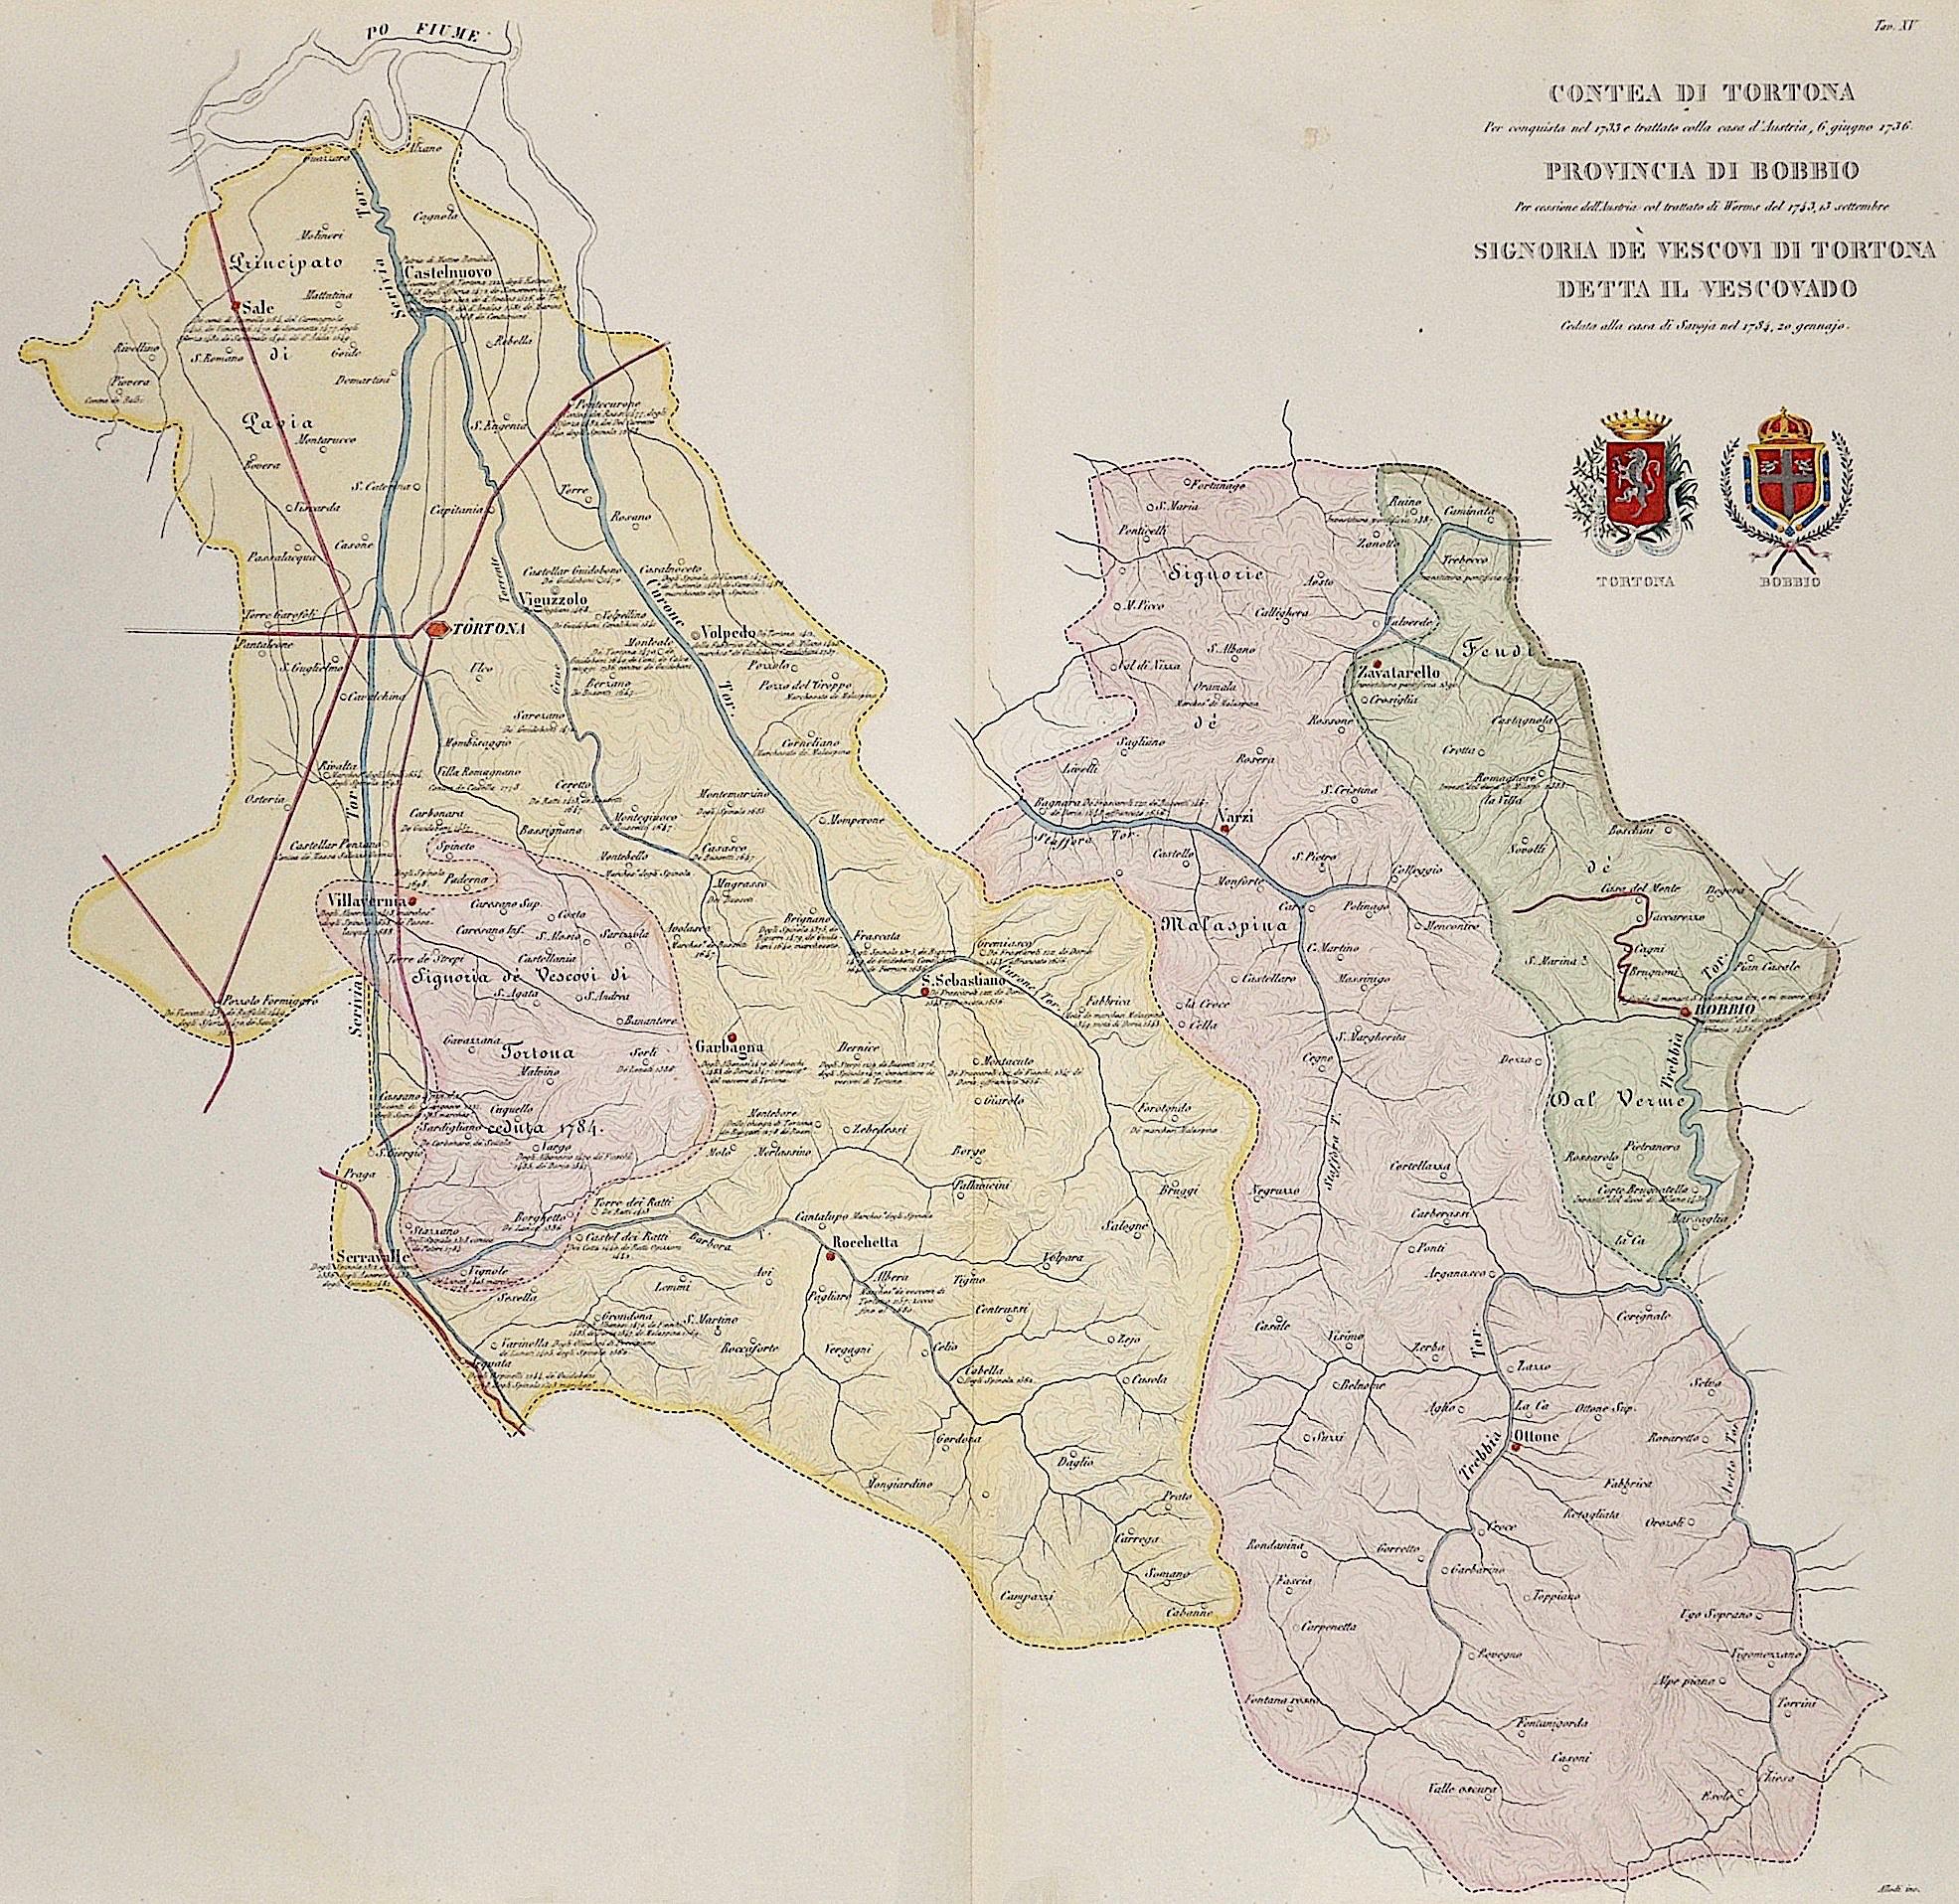 Allodi  Contea di Tortona, Provincia di Bobbio, Signoria dè vescovi di Tortona detta il Vescovado. Ceduta della casa Savoja nel 1734, 20 gennajo.